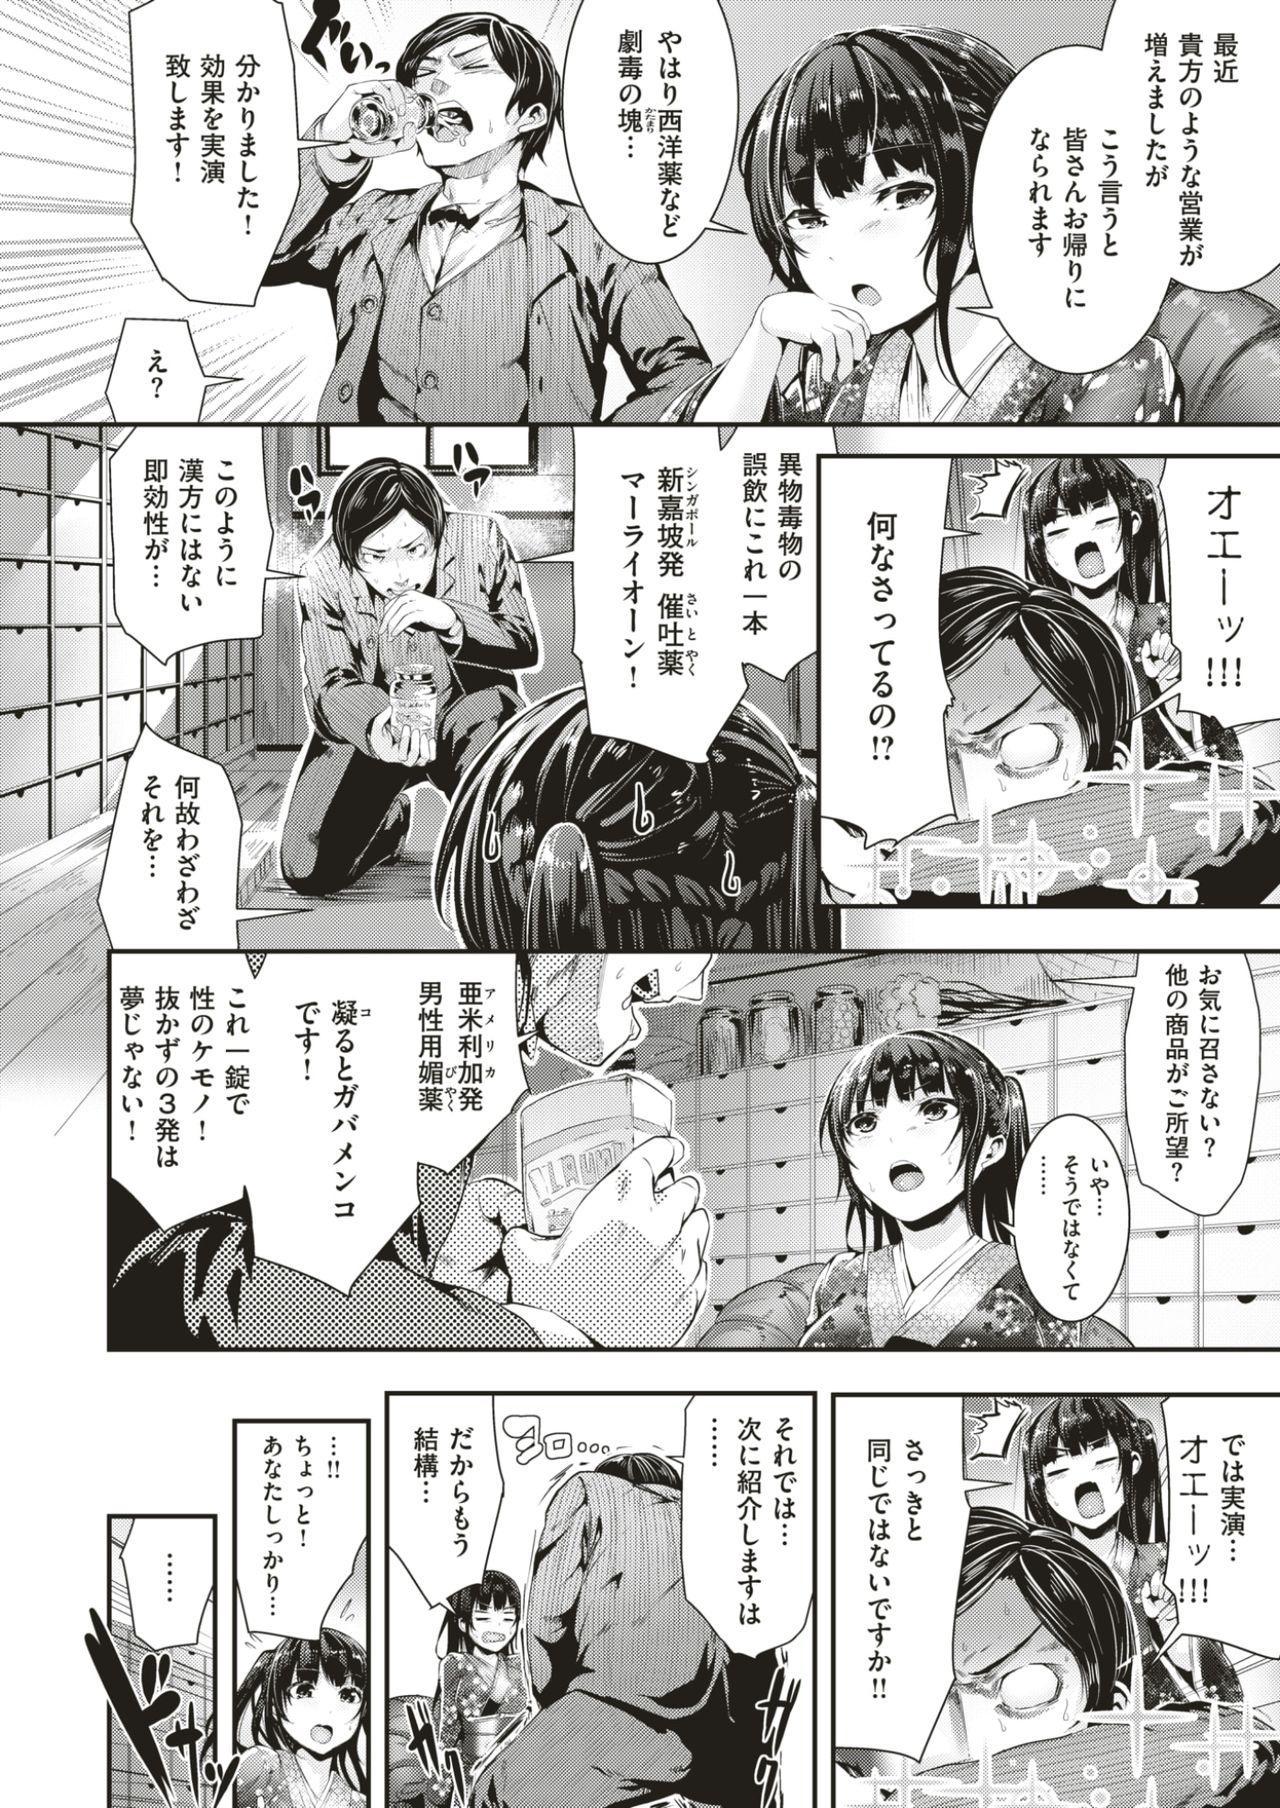 COMIC Kairakuten BEAST 2017-05 8